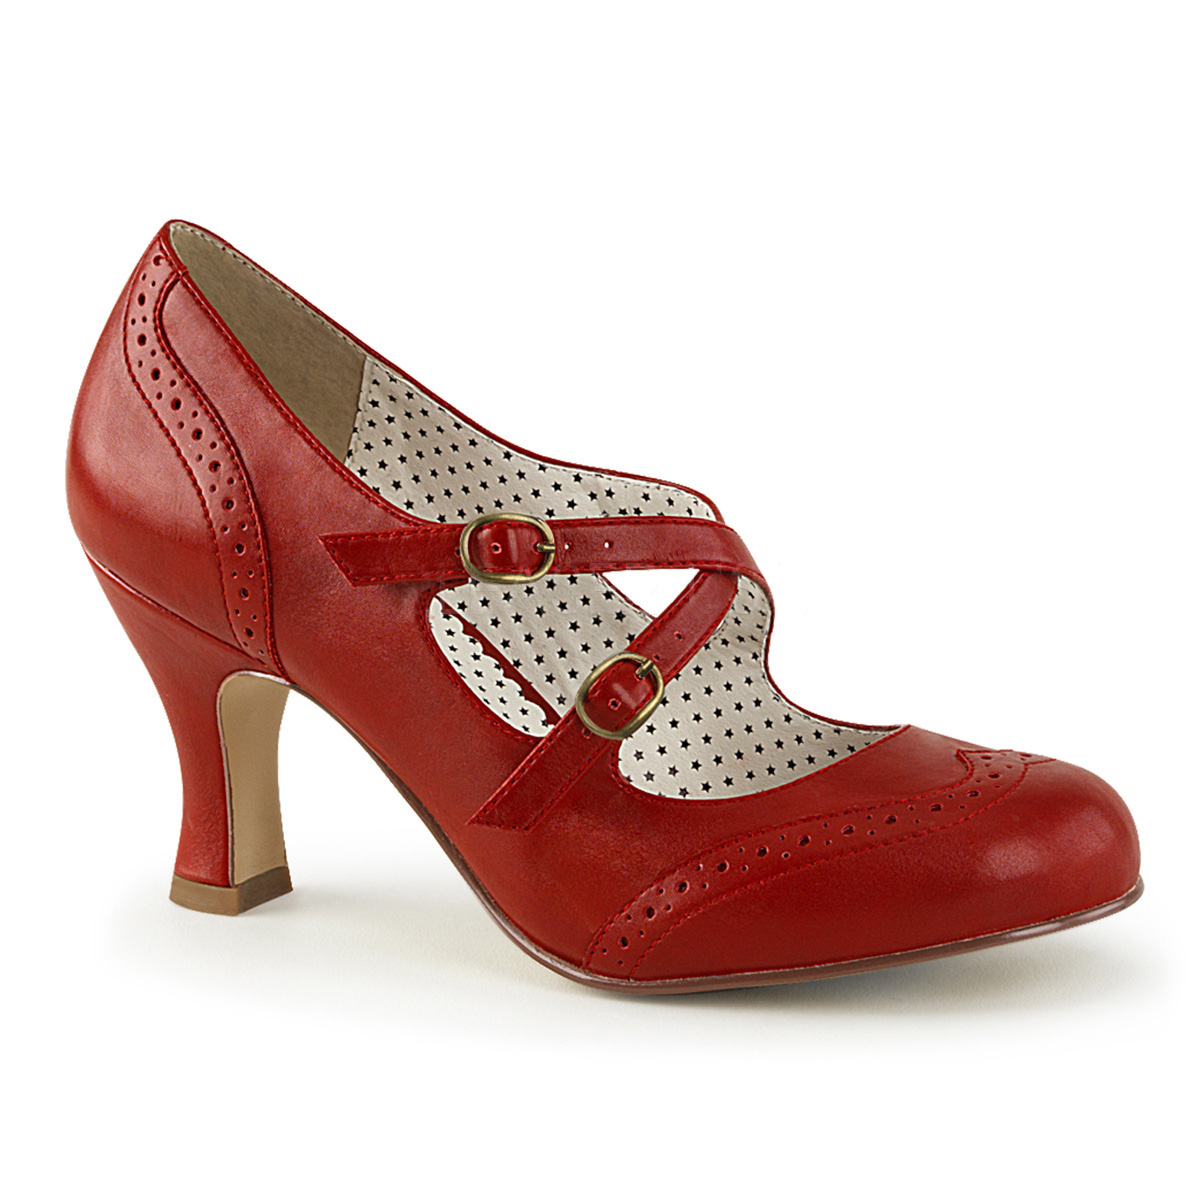 b9a28a9fd8e Kitten Heels FLAPPER-35 - Red